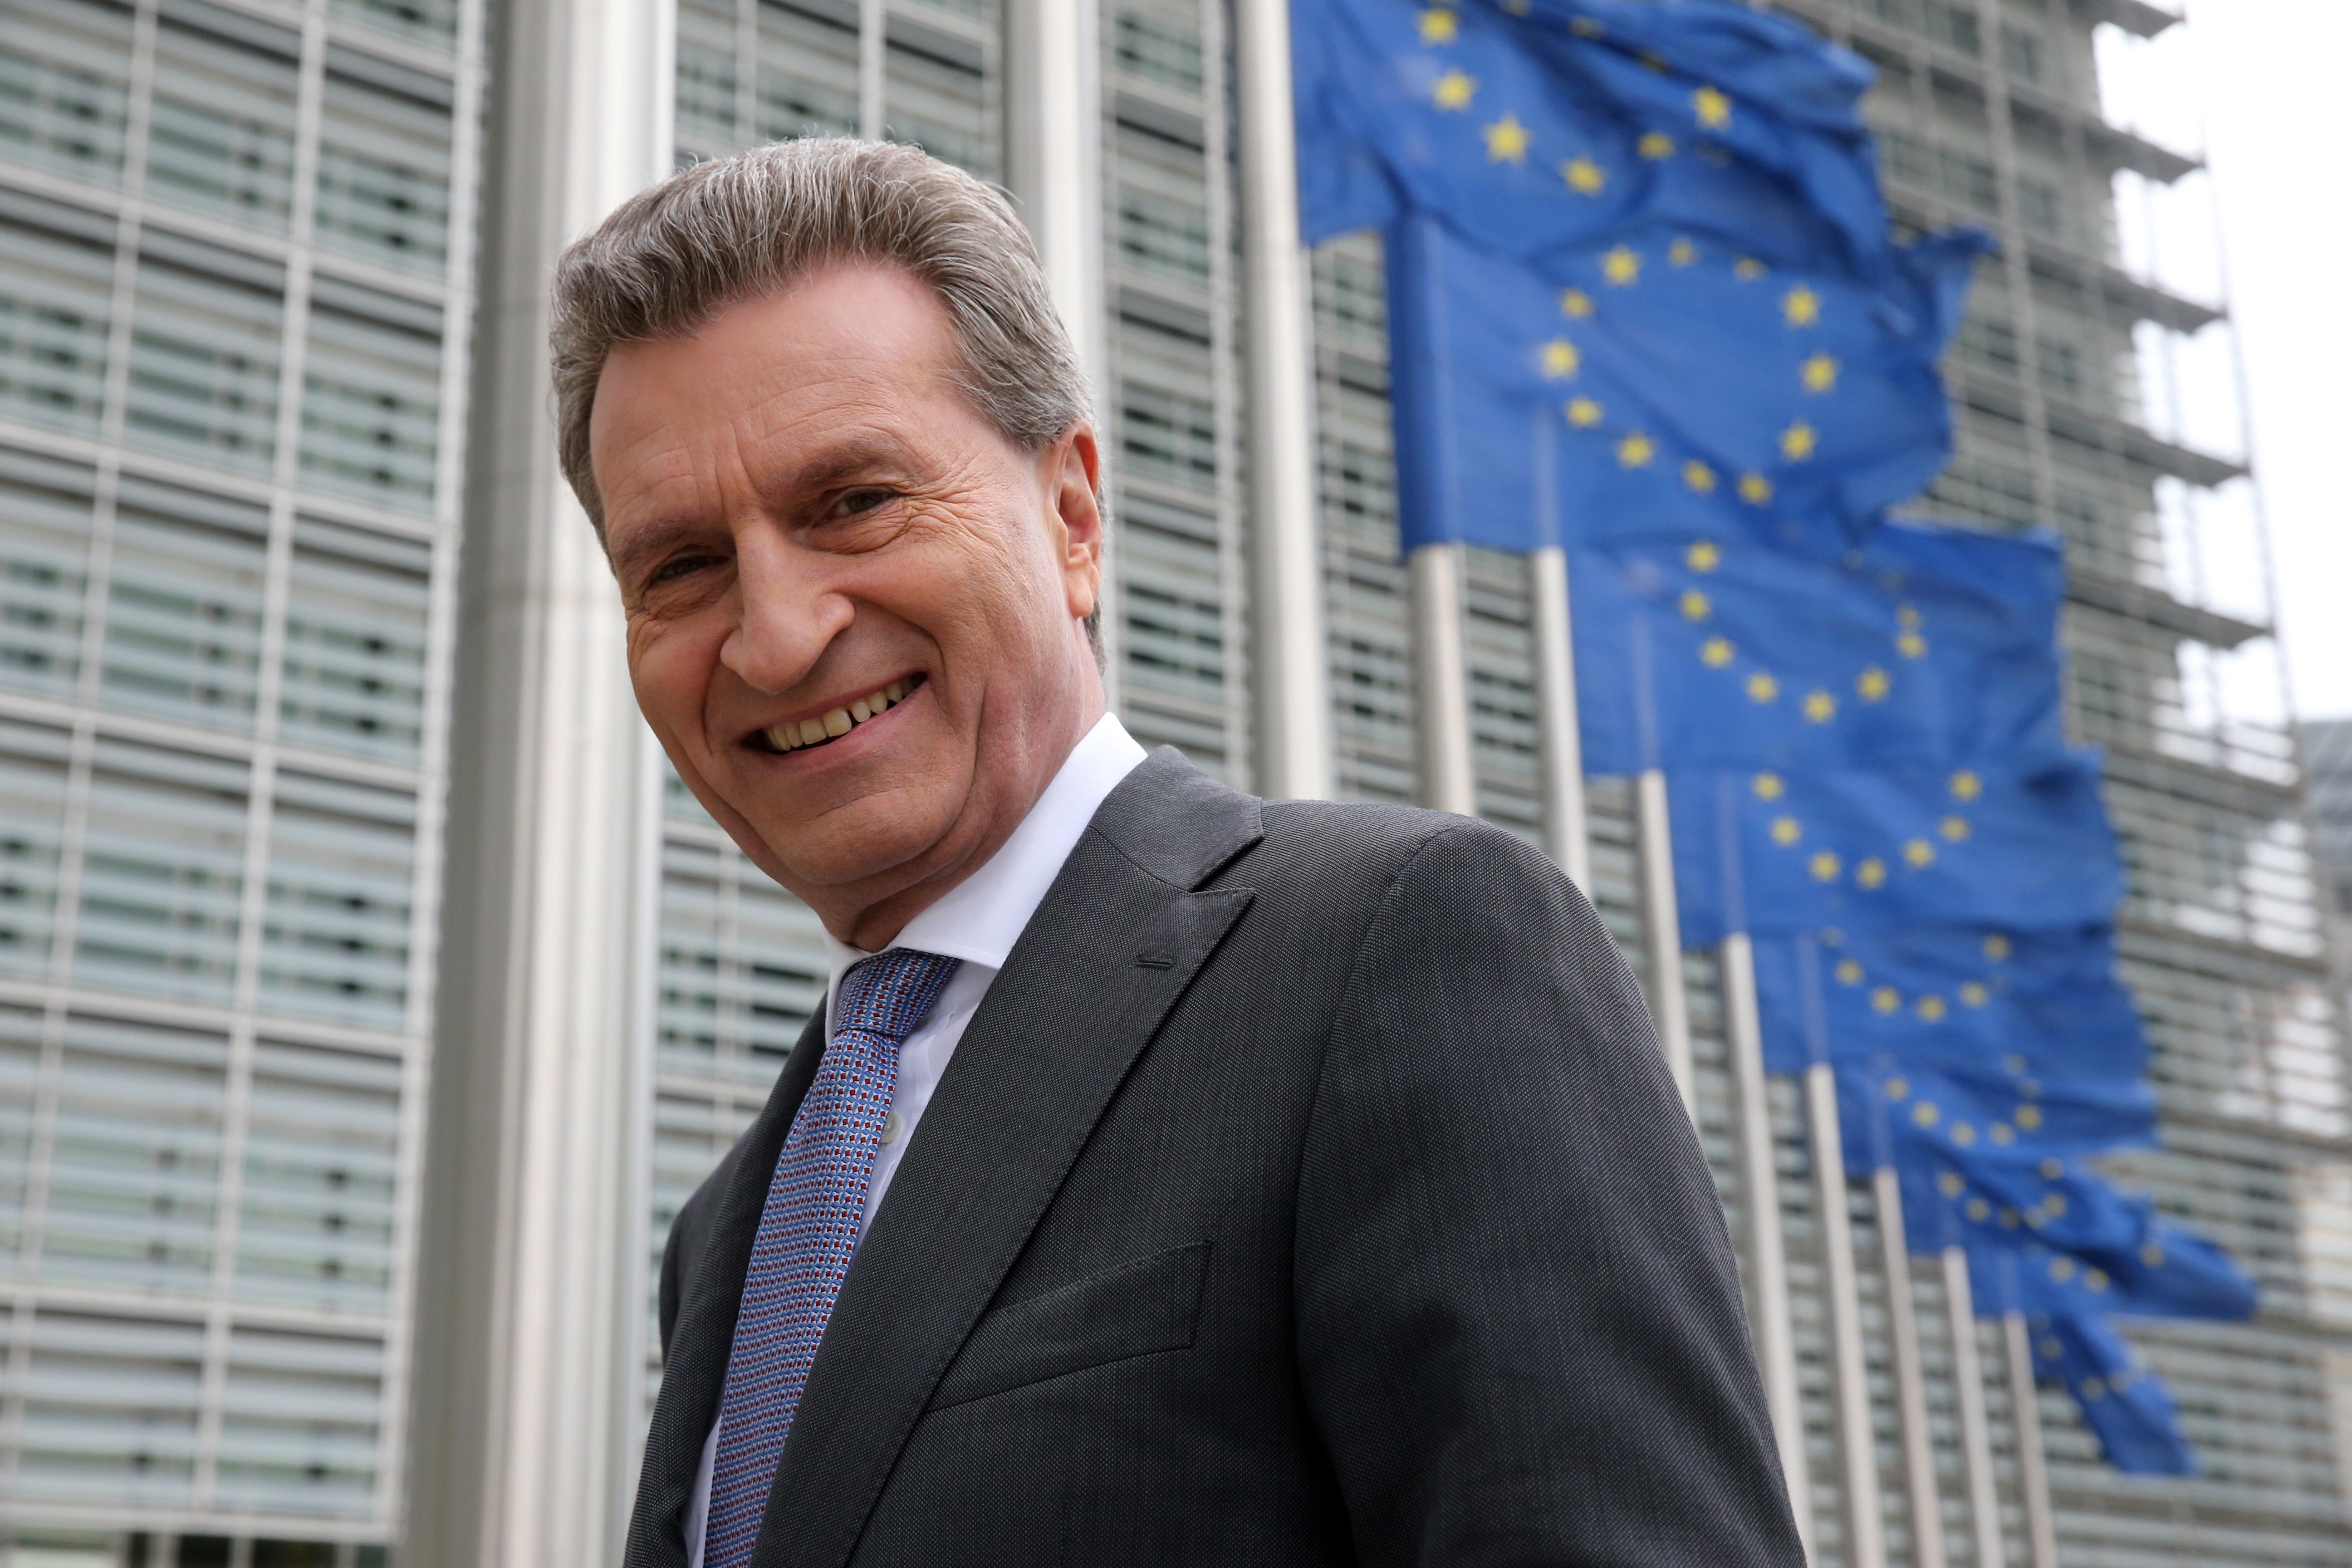 Günther Oettinger szerint nem baj, hogy nemrég EU-biztos volt, most pedig a magyar kormánynak fog dolgozni